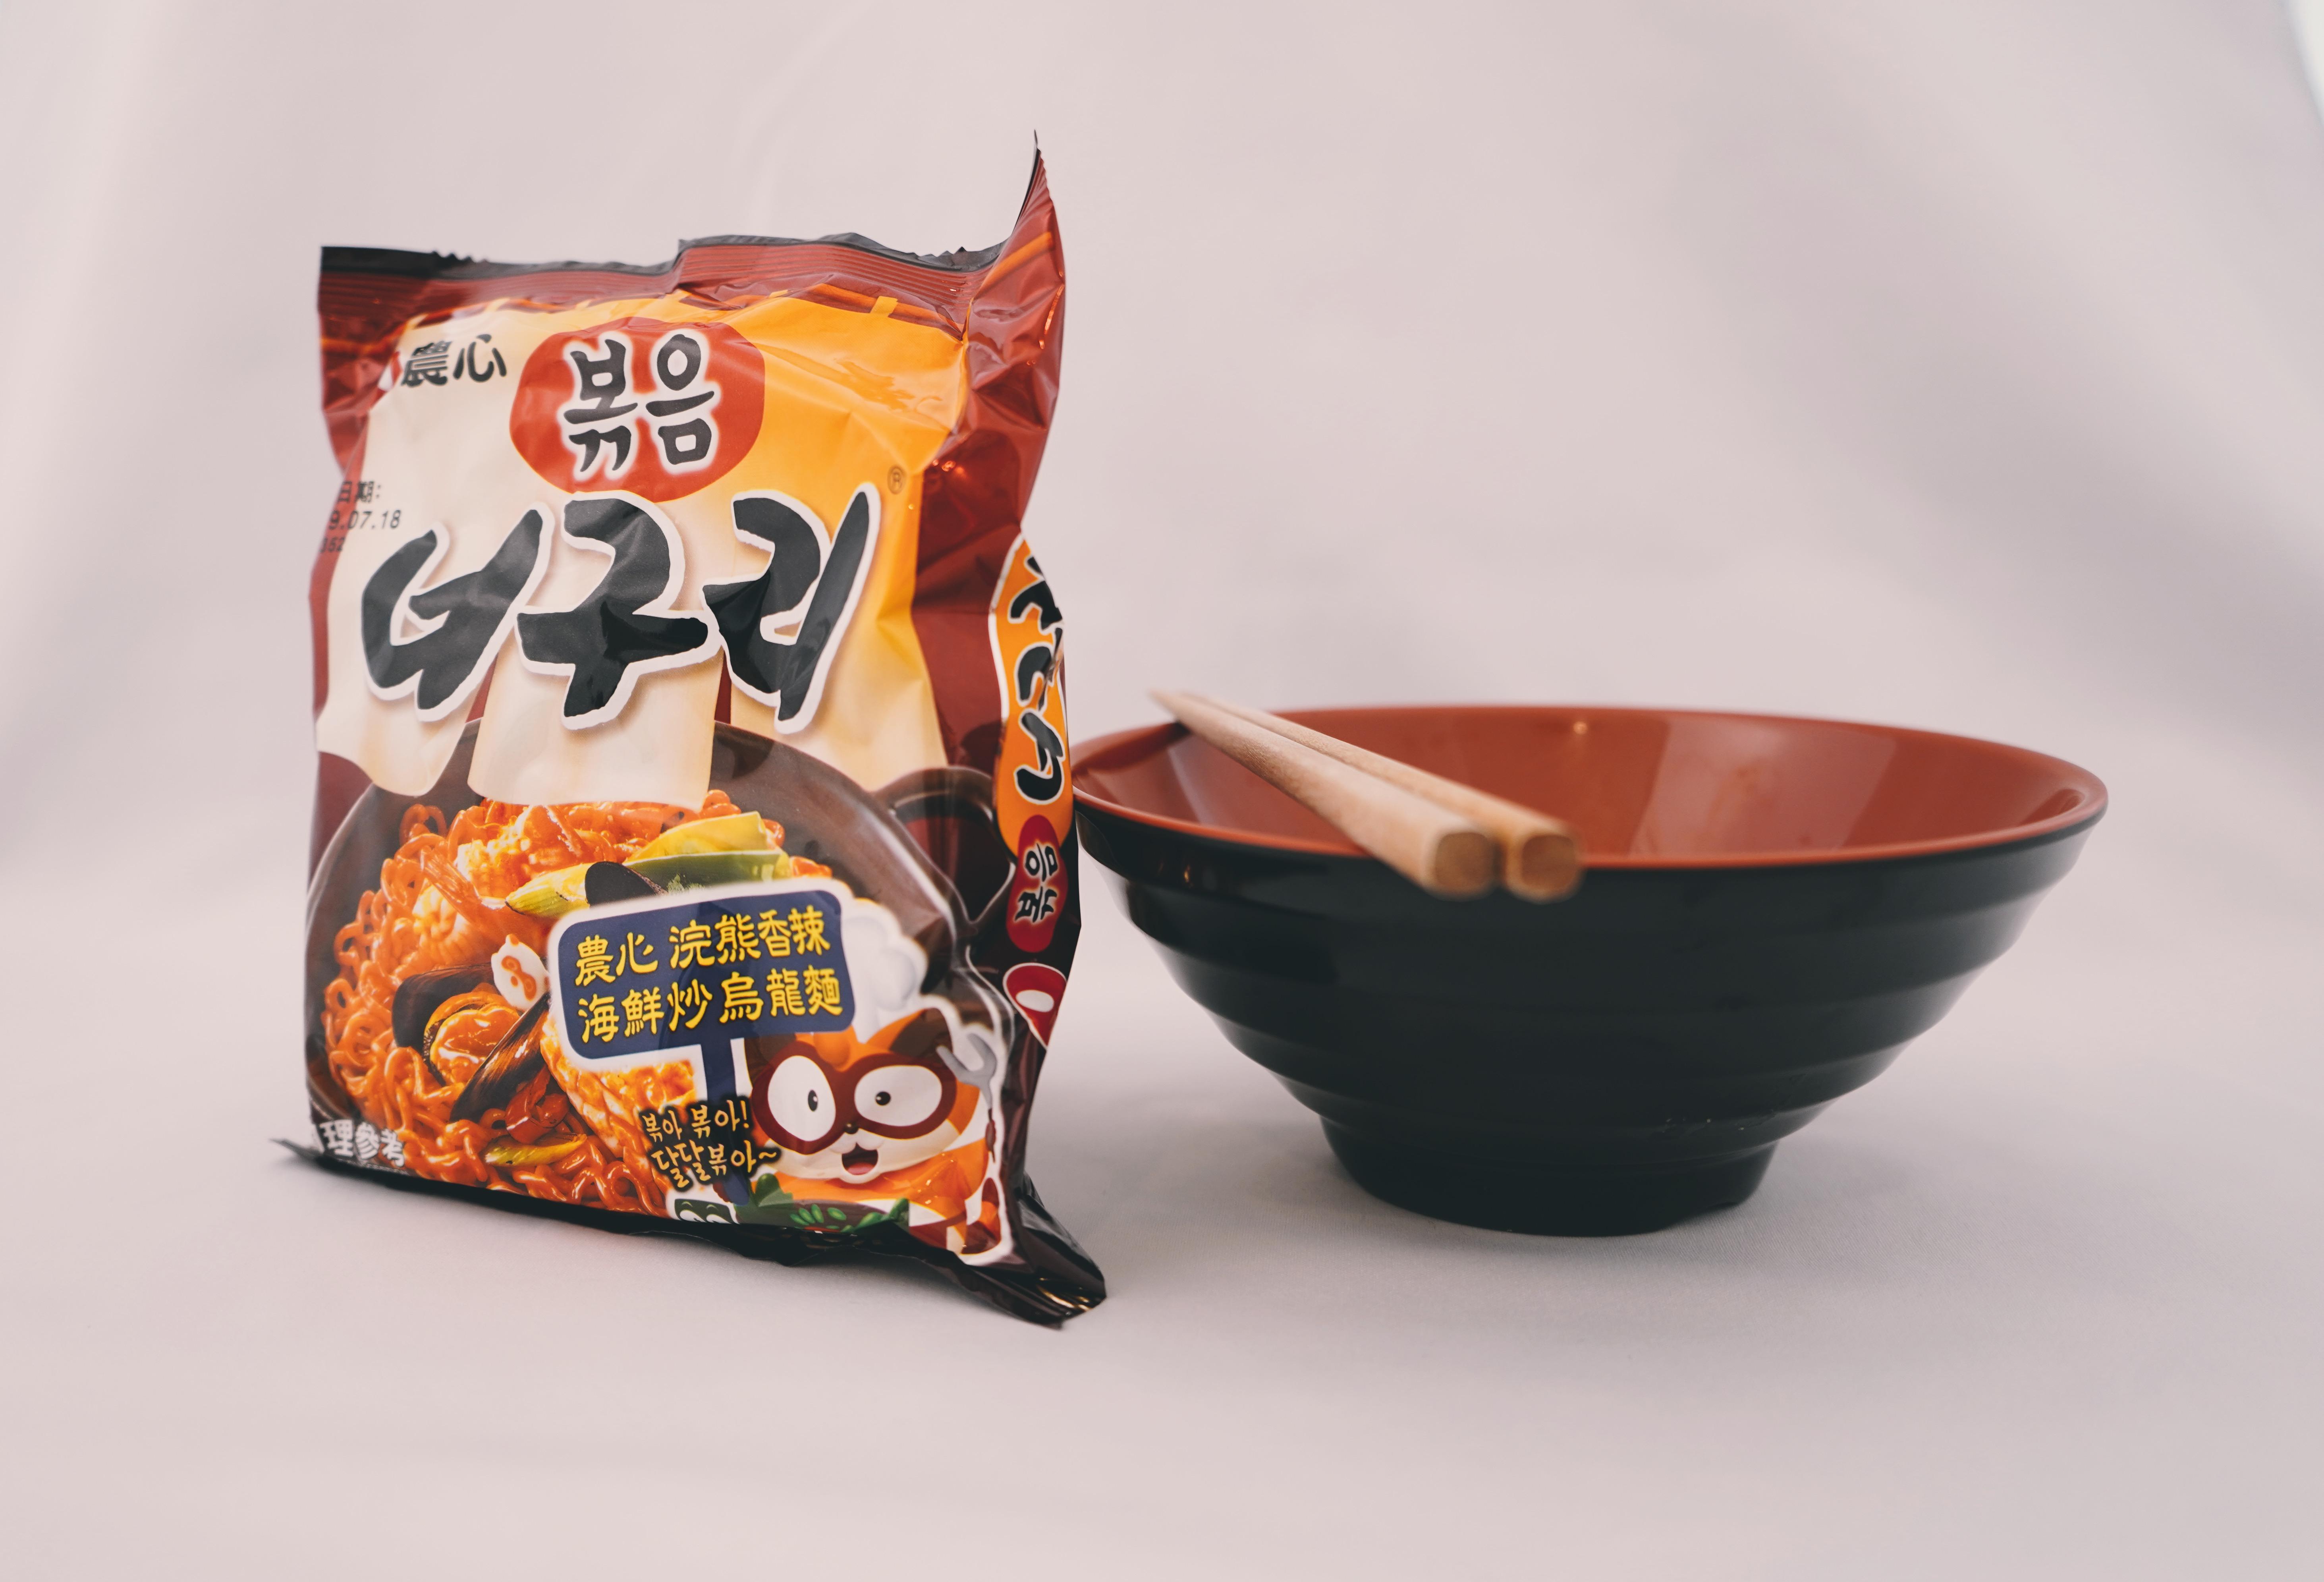 農心 浣熊海鮮炒烏龍麵